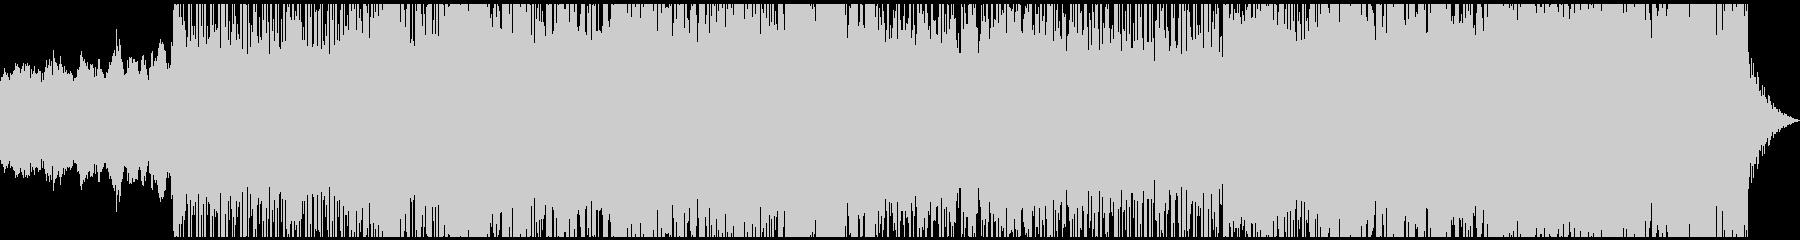 ミッドテンポの未来的なシンセサウンドの未再生の波形